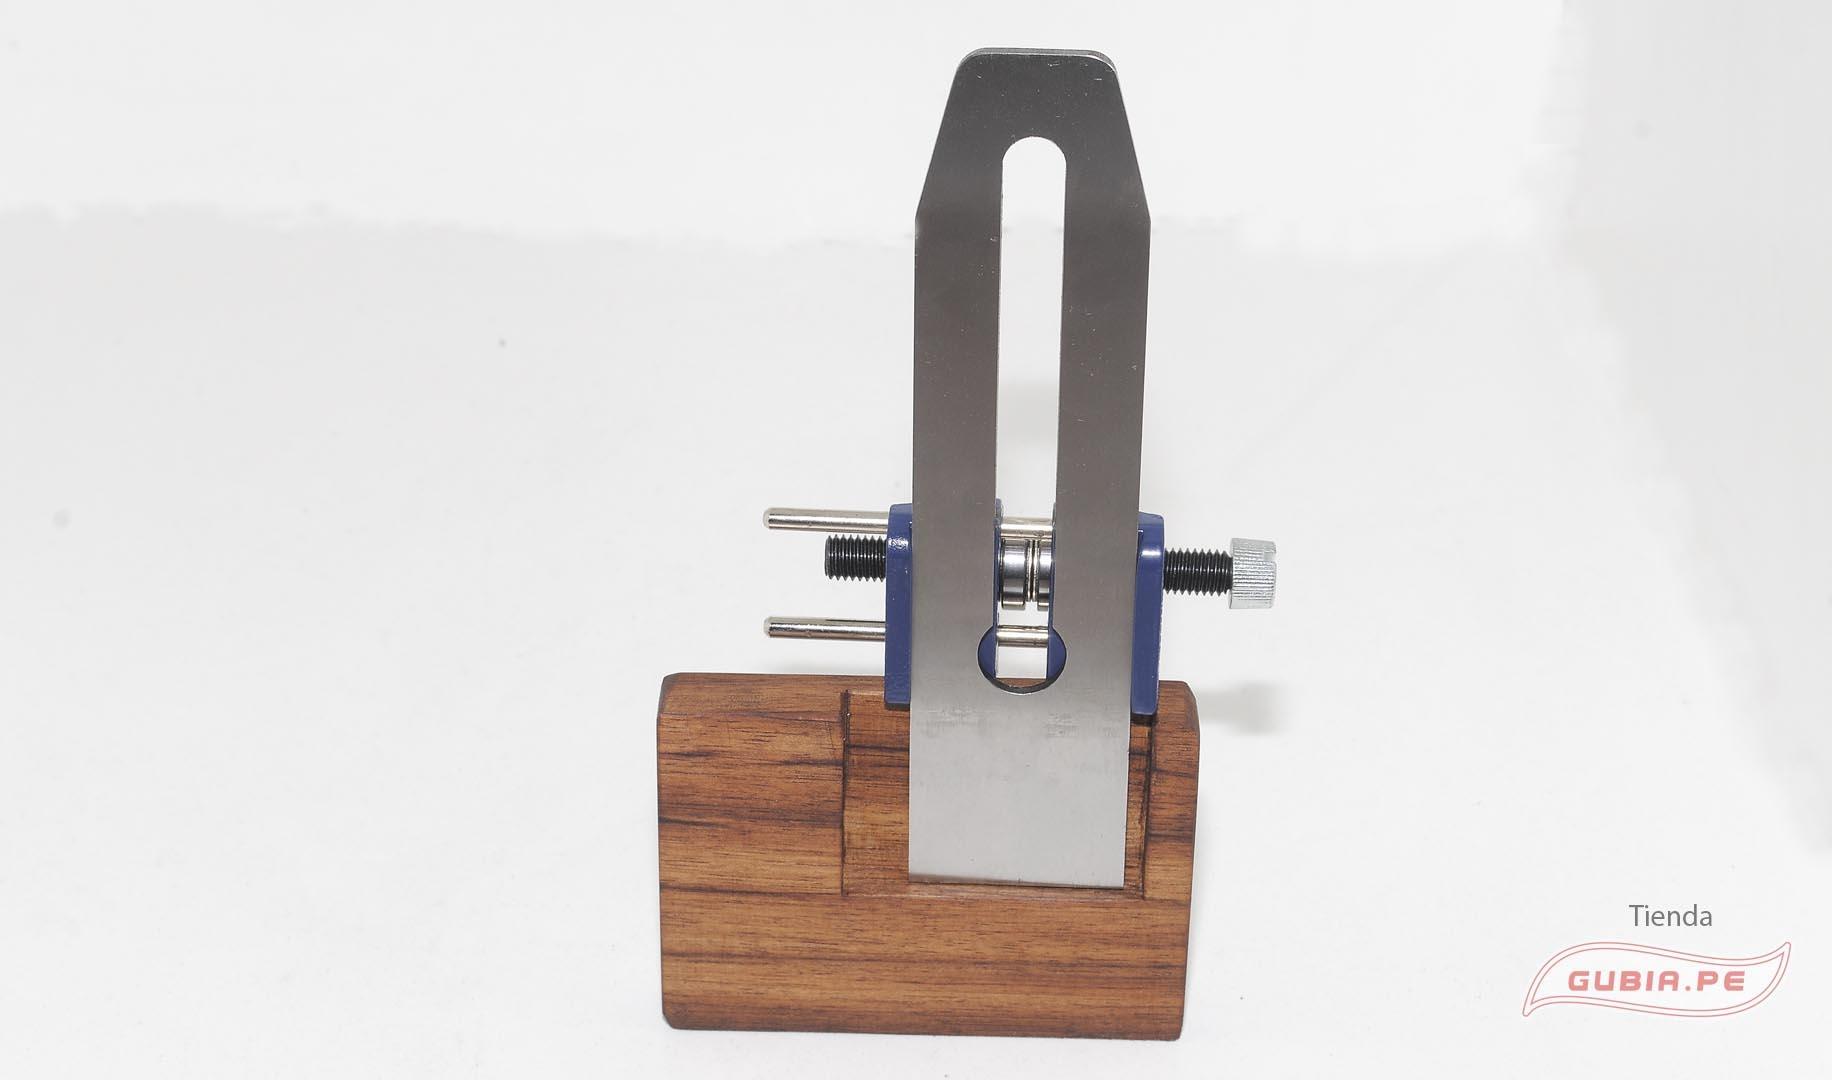 GUB0042-Plantilla de  angulos para la guia simple de madera  GUB0042-max-2.